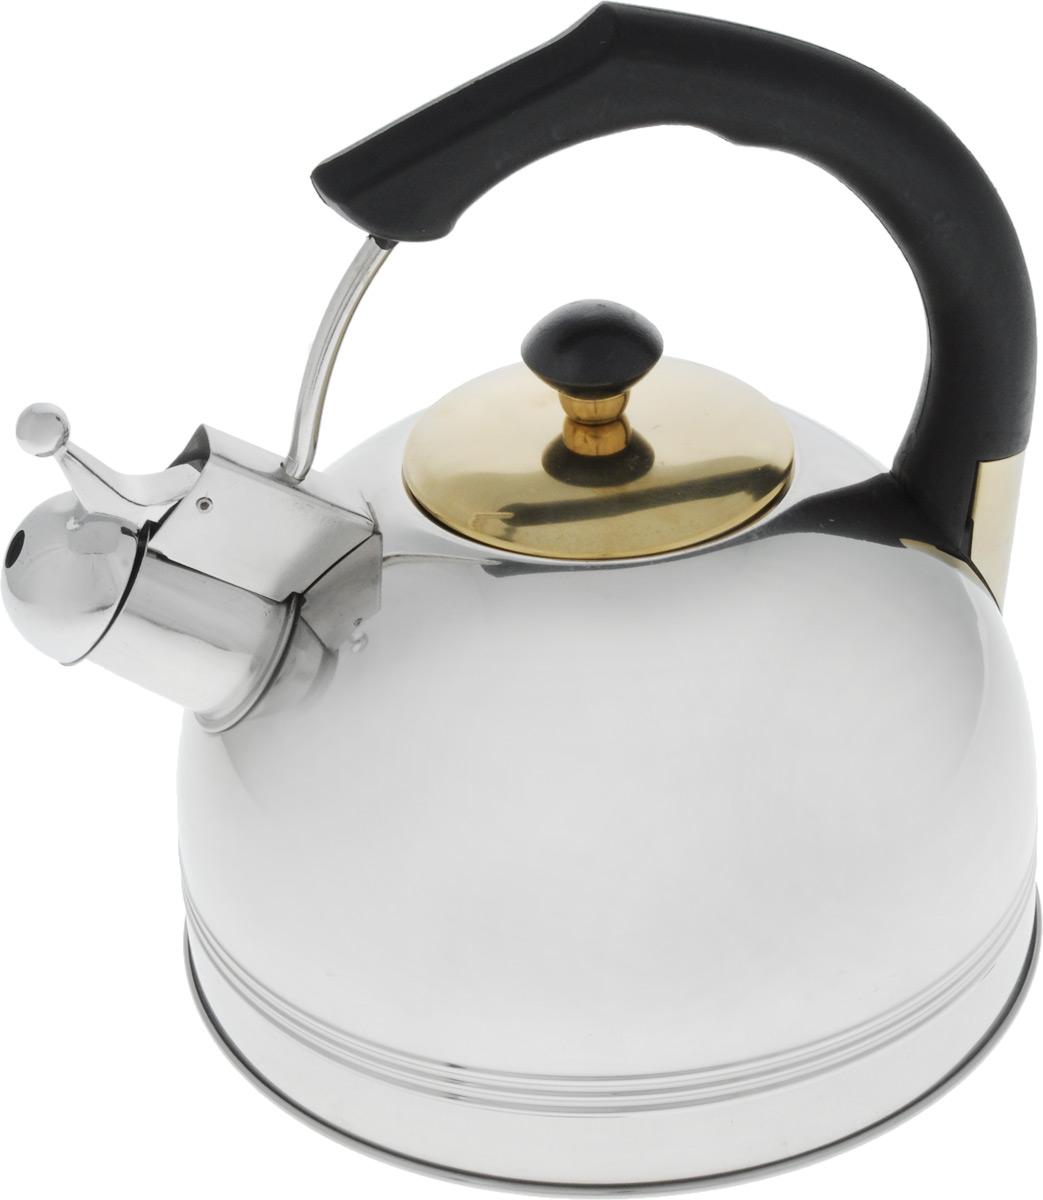 Чайник металлический BHL - 655 BK /3,0л./ (х12)655BHLBKЧайник Емкость 3.0л Нержавеющая сталь. Черная бакелитовая ручка - не нагревается. Дно подходит ДЛЯ ИНДУКЦИИ.